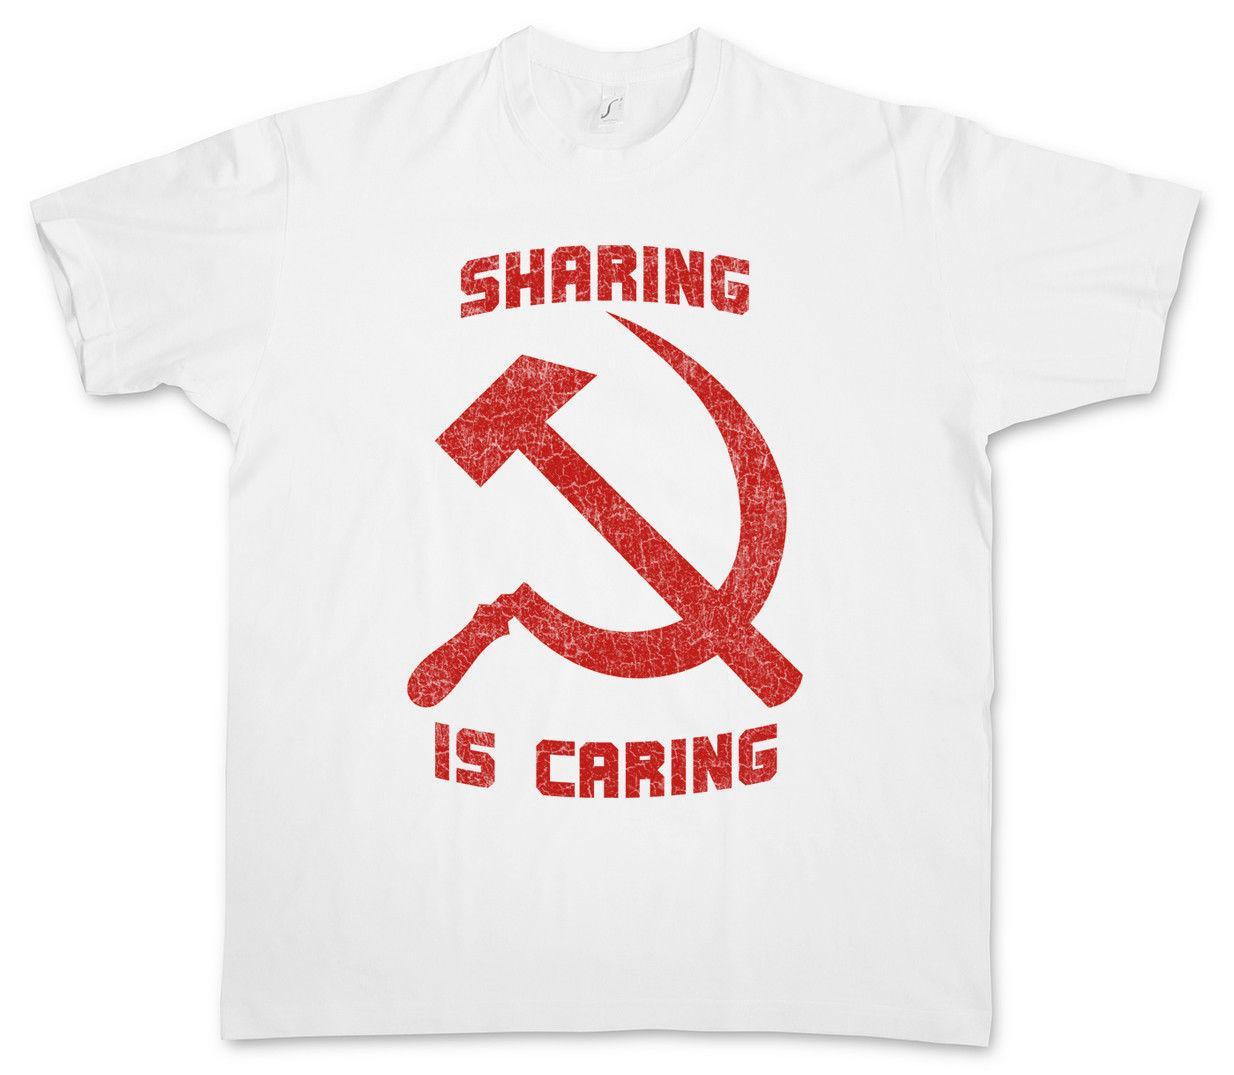 La condivisione è una T-shirt Caring socialista socialismo comunista comunismo martello Falce